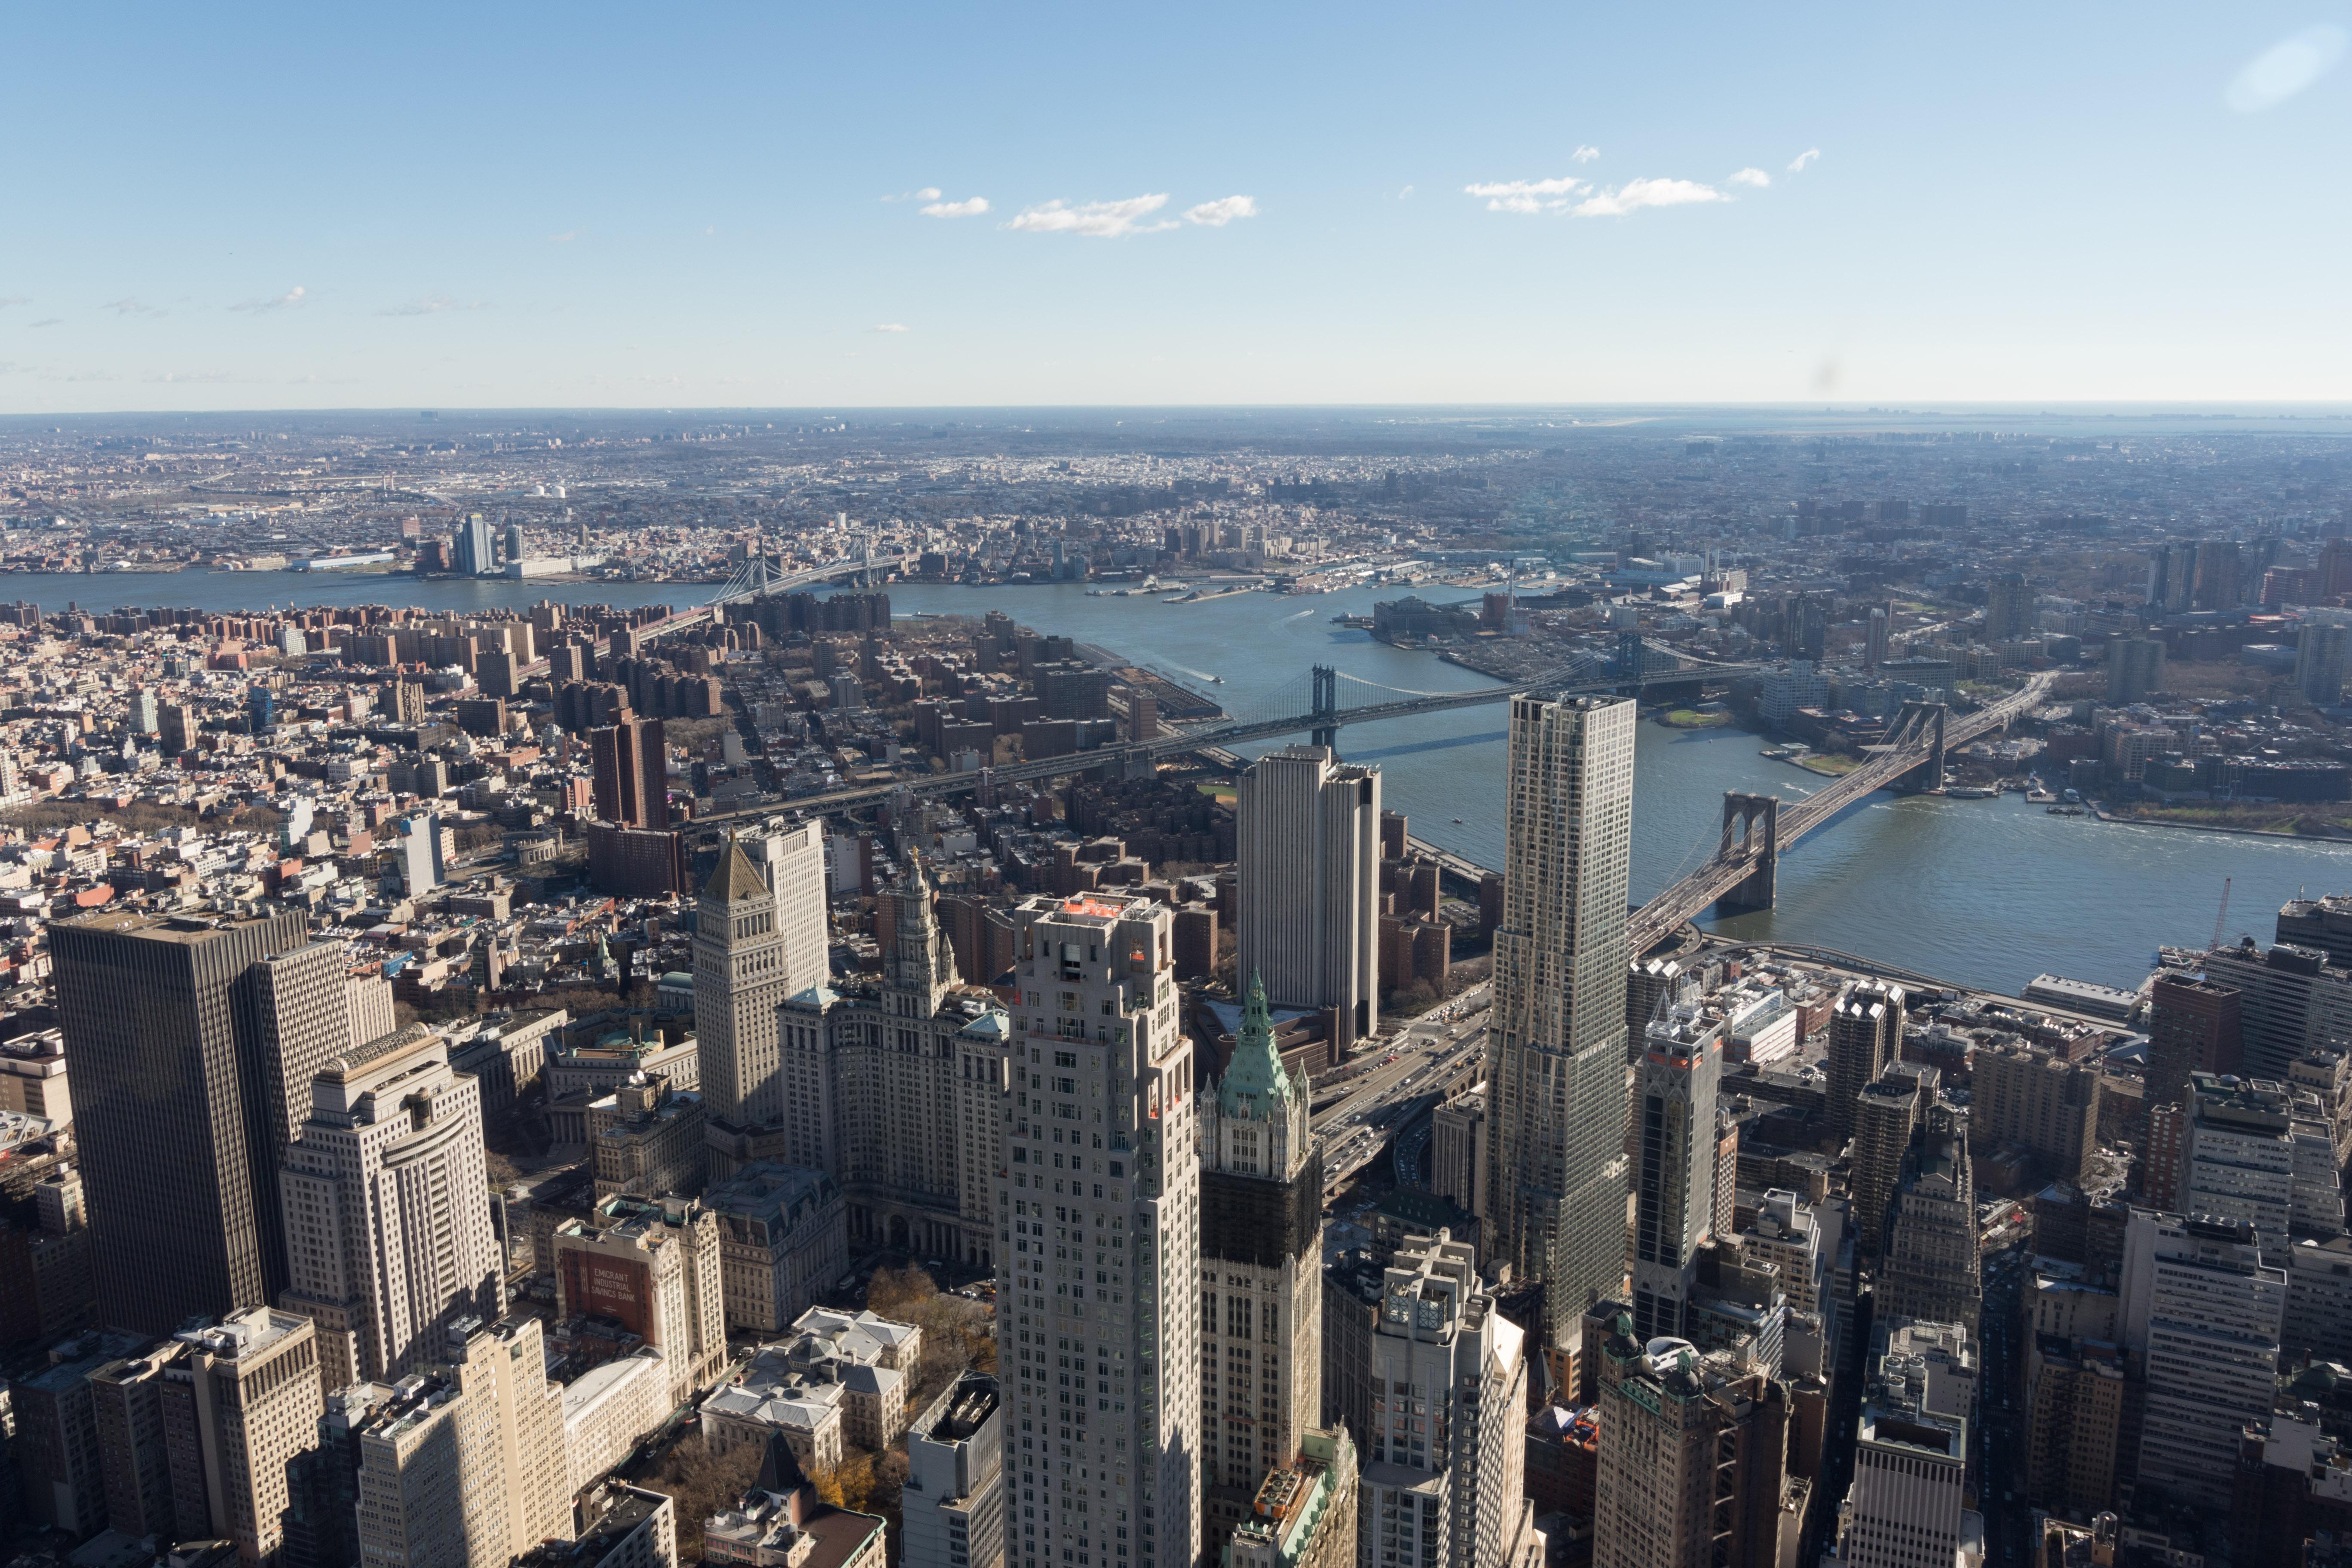 Hier in New York werd onze horizon letterlijk verbreed!